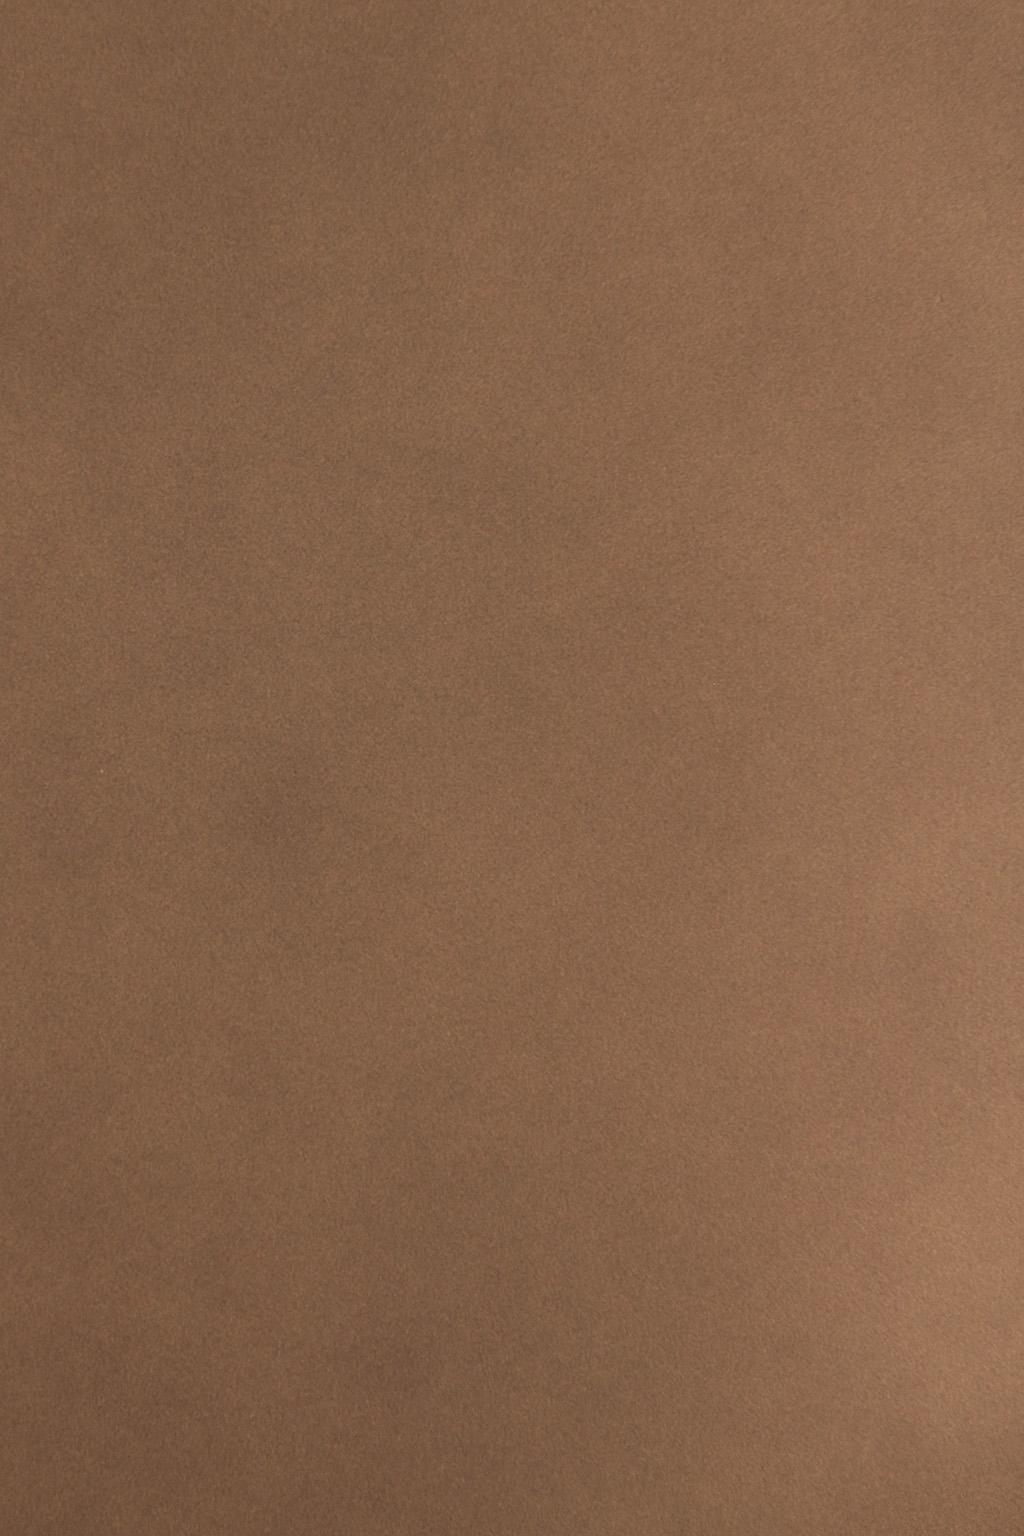 Ottone brunito delabrè De Castelli